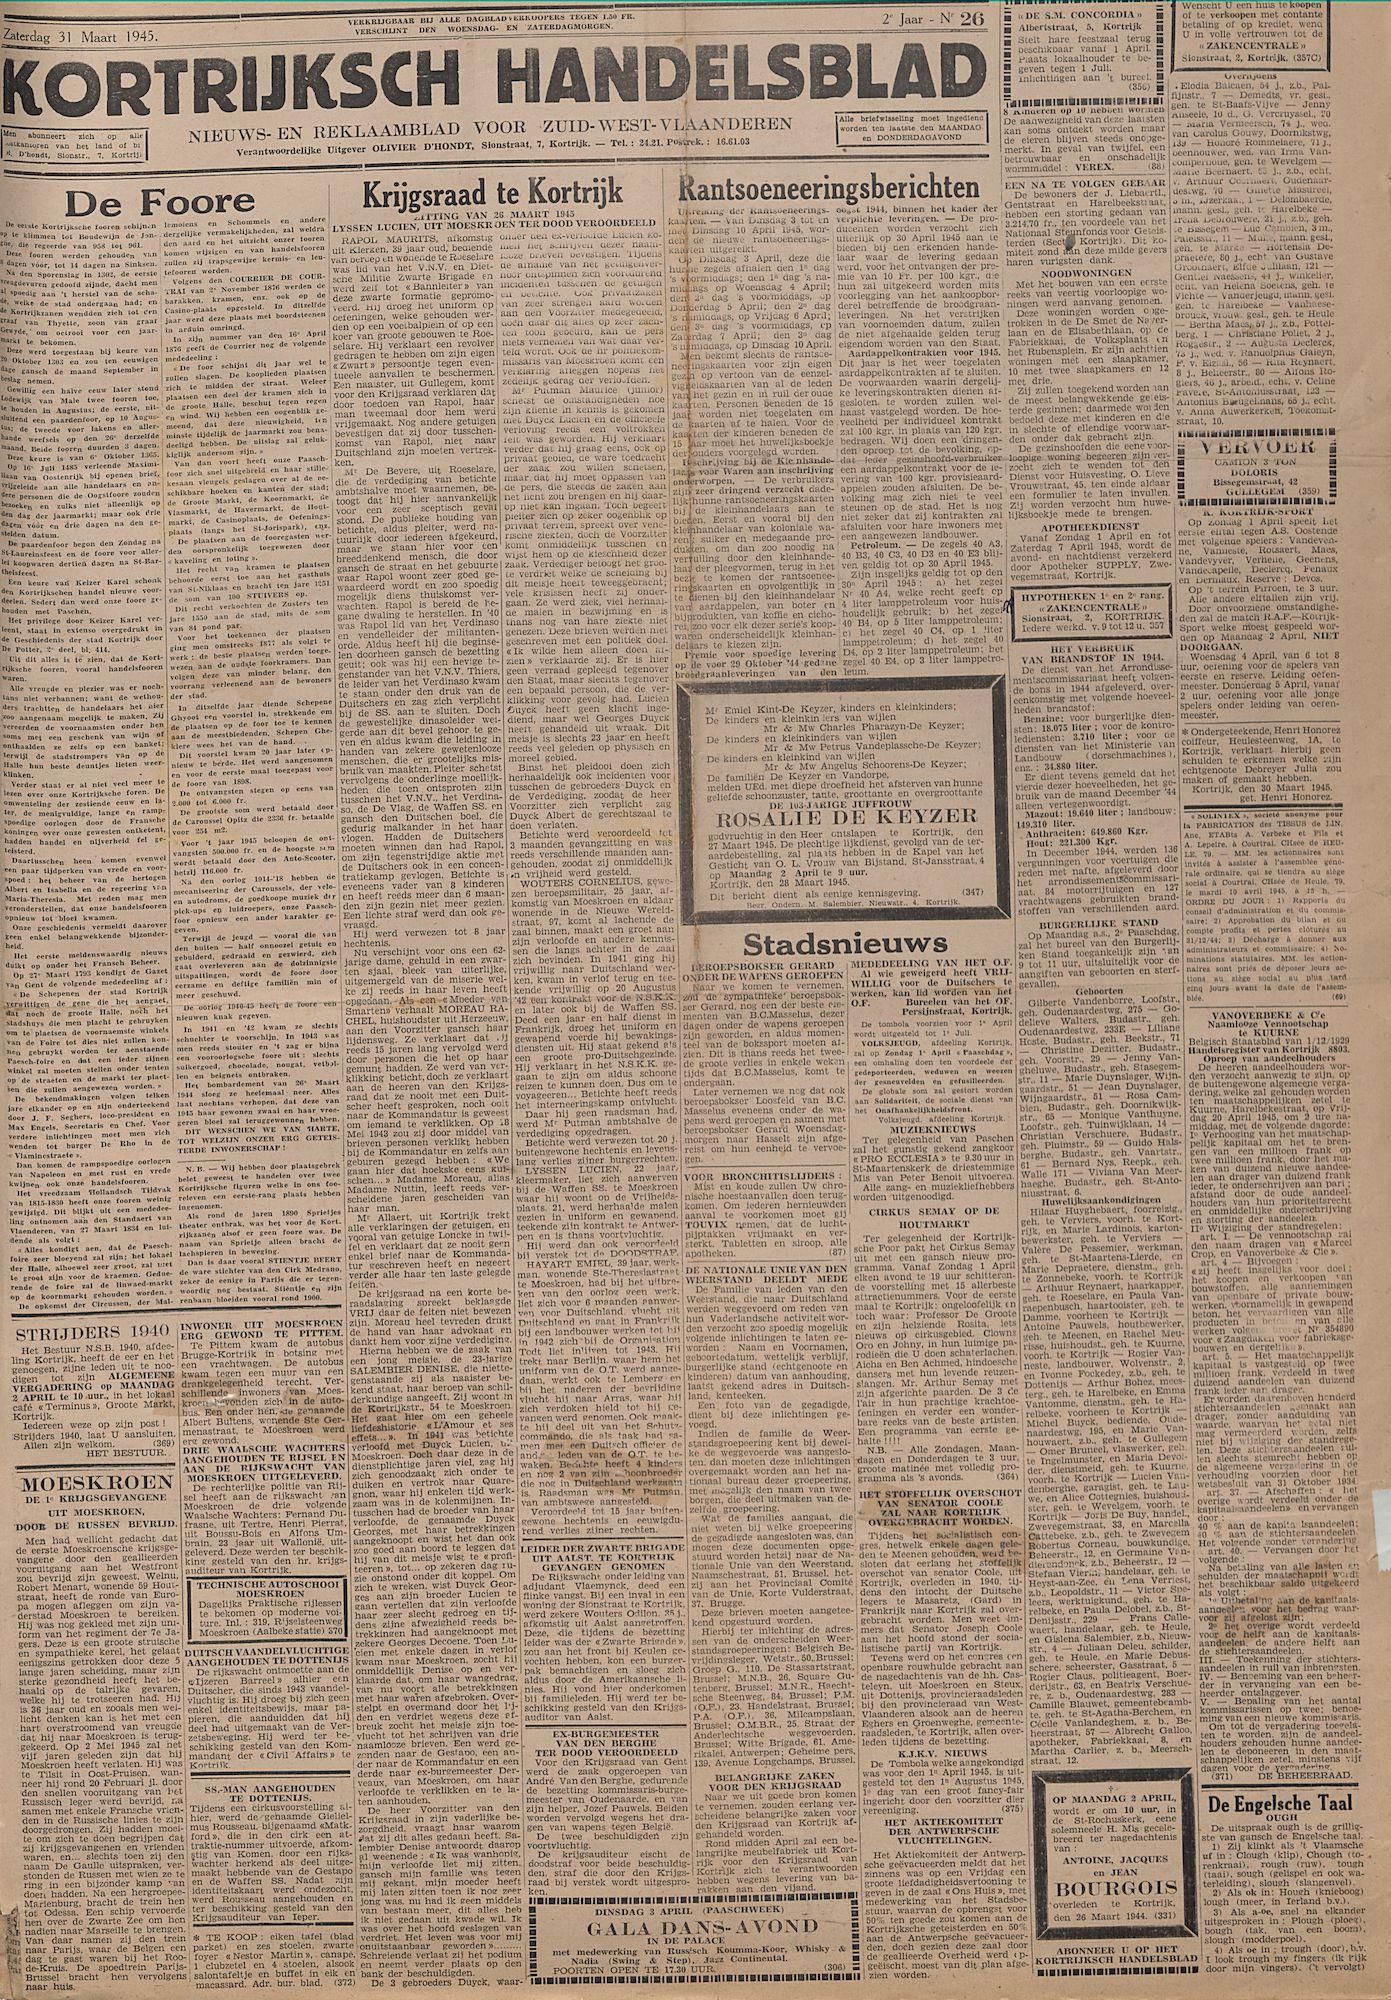 Kortrijksch Handelsblad 31 maart 1945 Nr26 p1